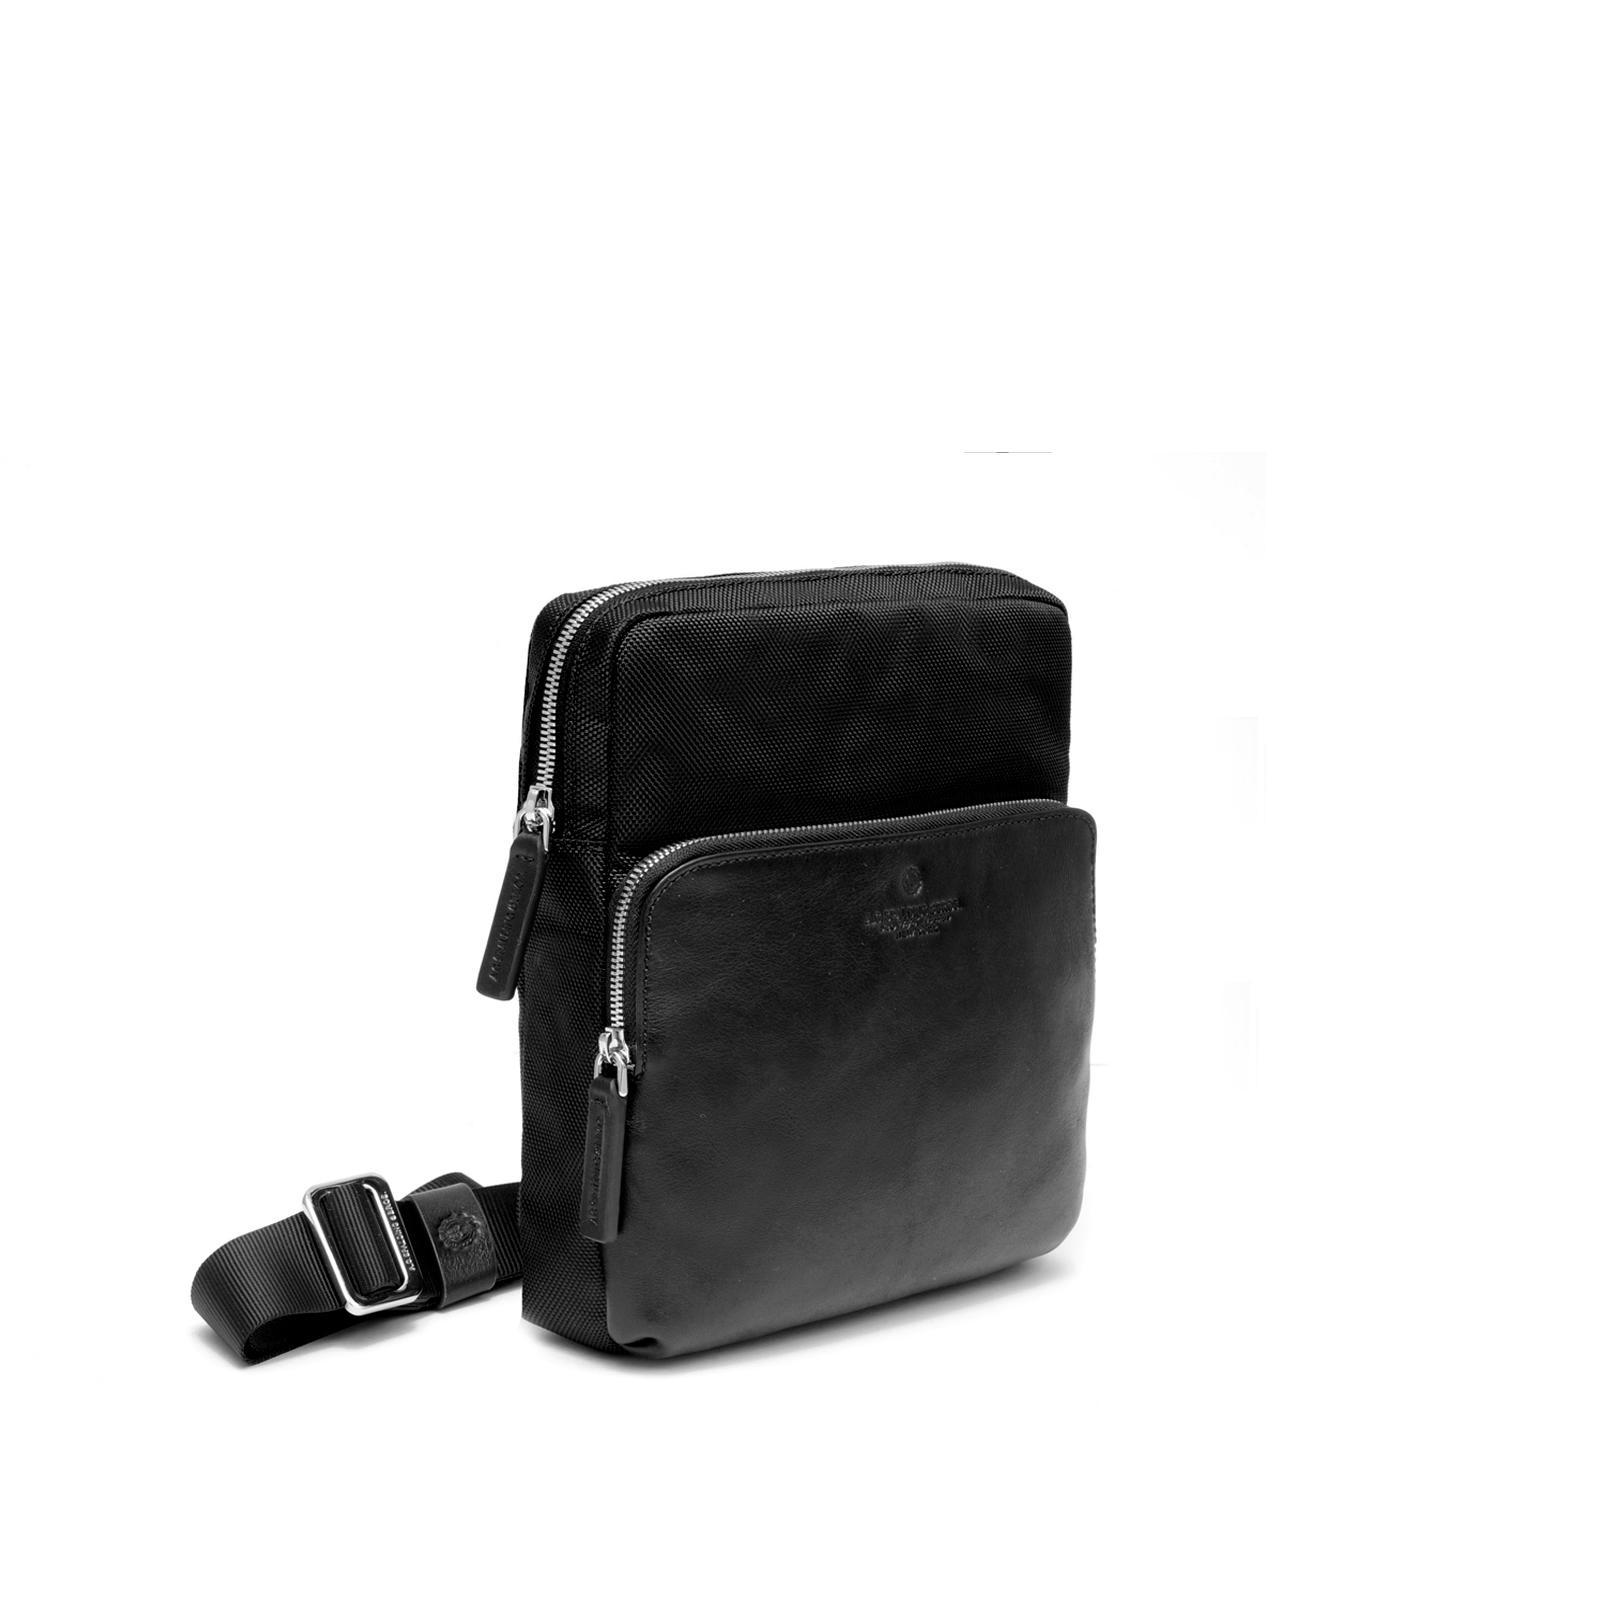 Nuova Body Bag Metropolitan NERO